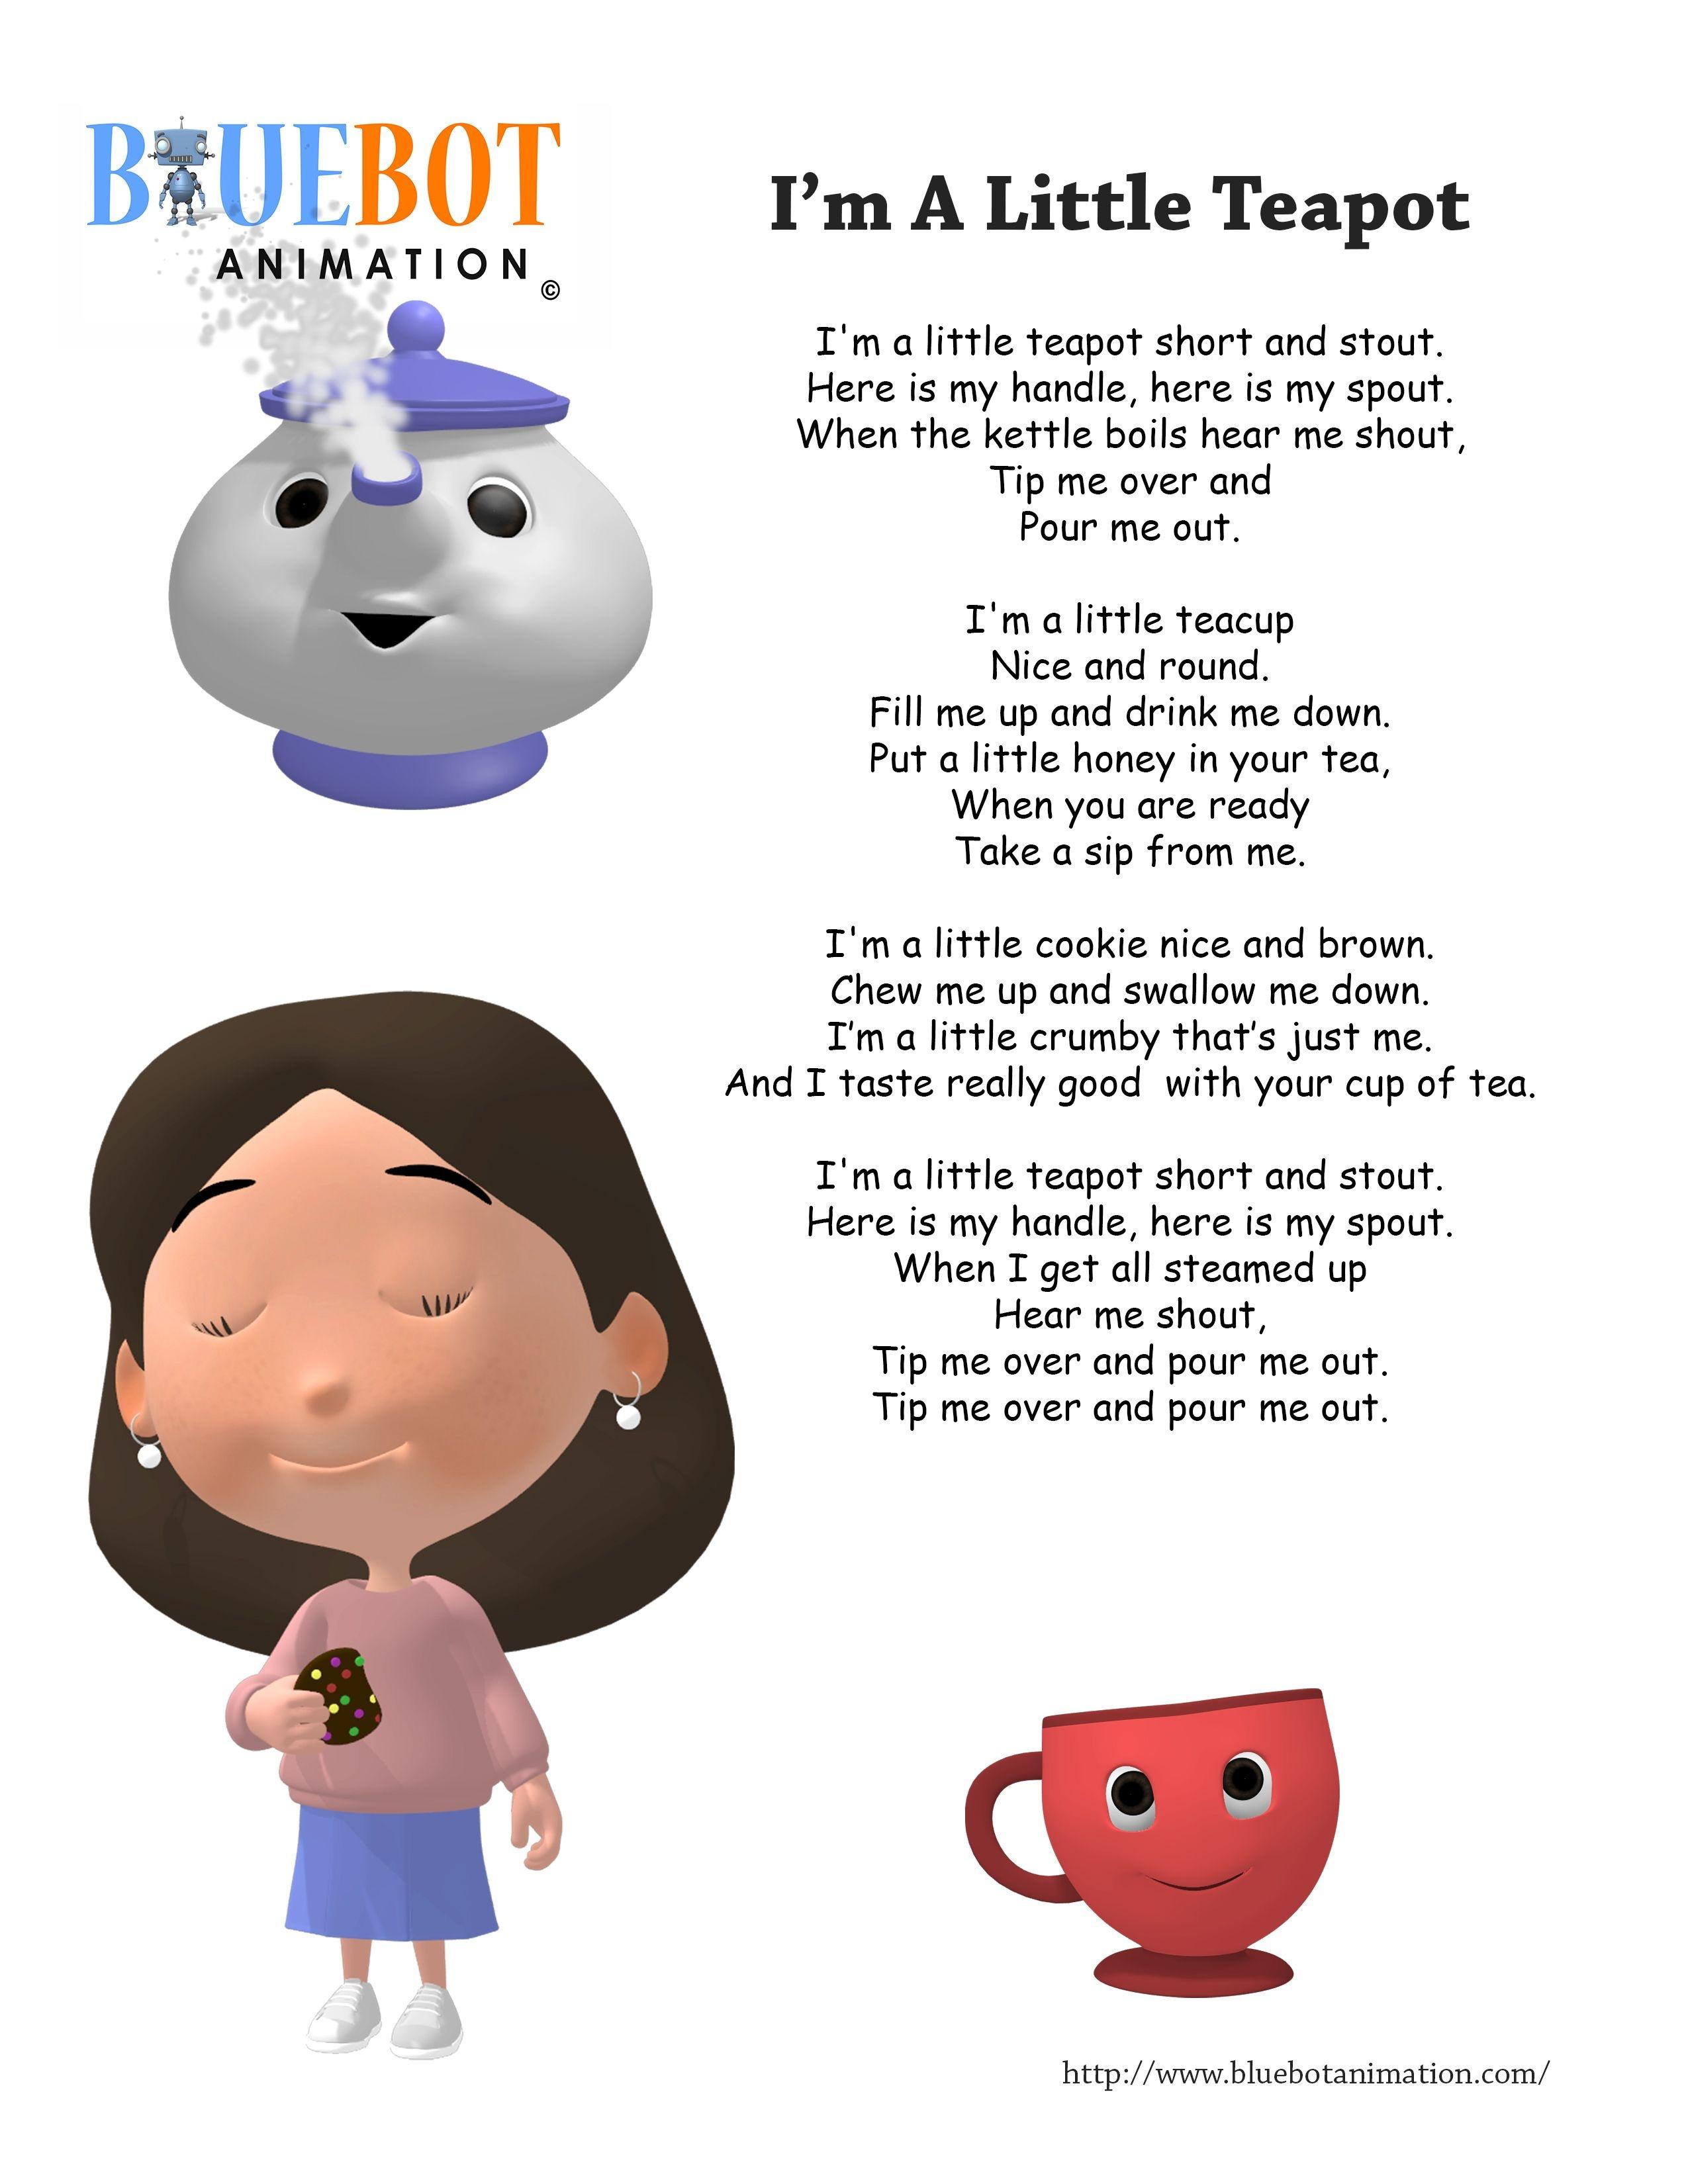 I'm A Little Teapot Nursery Rhyme Lyrics Free Printable Nursery - Free Printable Nursery Rhymes Songs